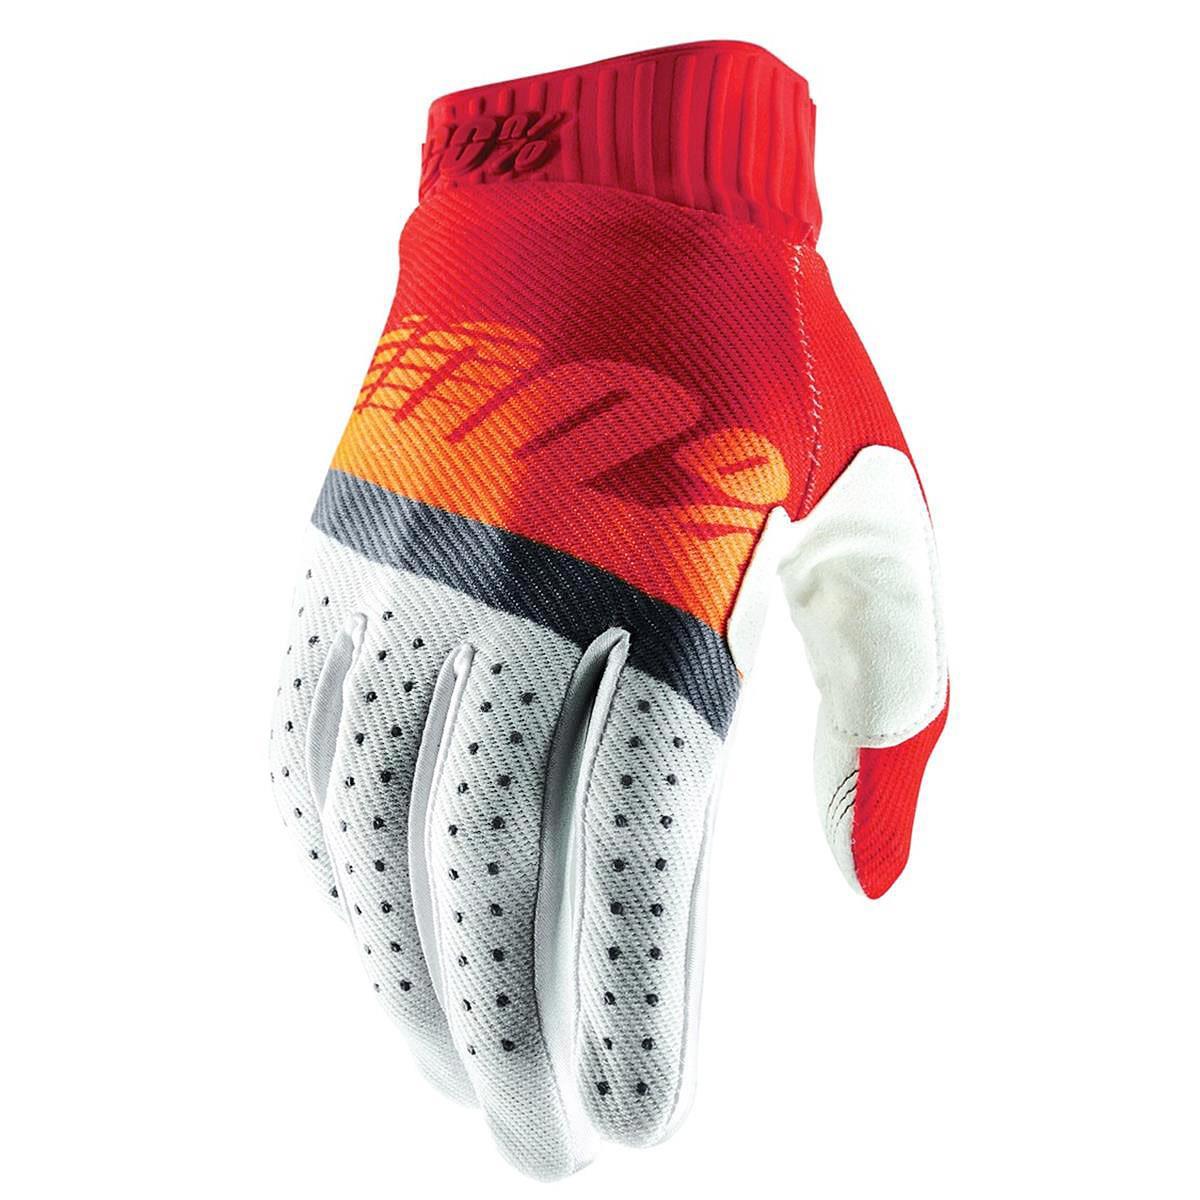 100% Bike-Handschuhe Ridefit Rot/Fluo Orange/Slate Blue